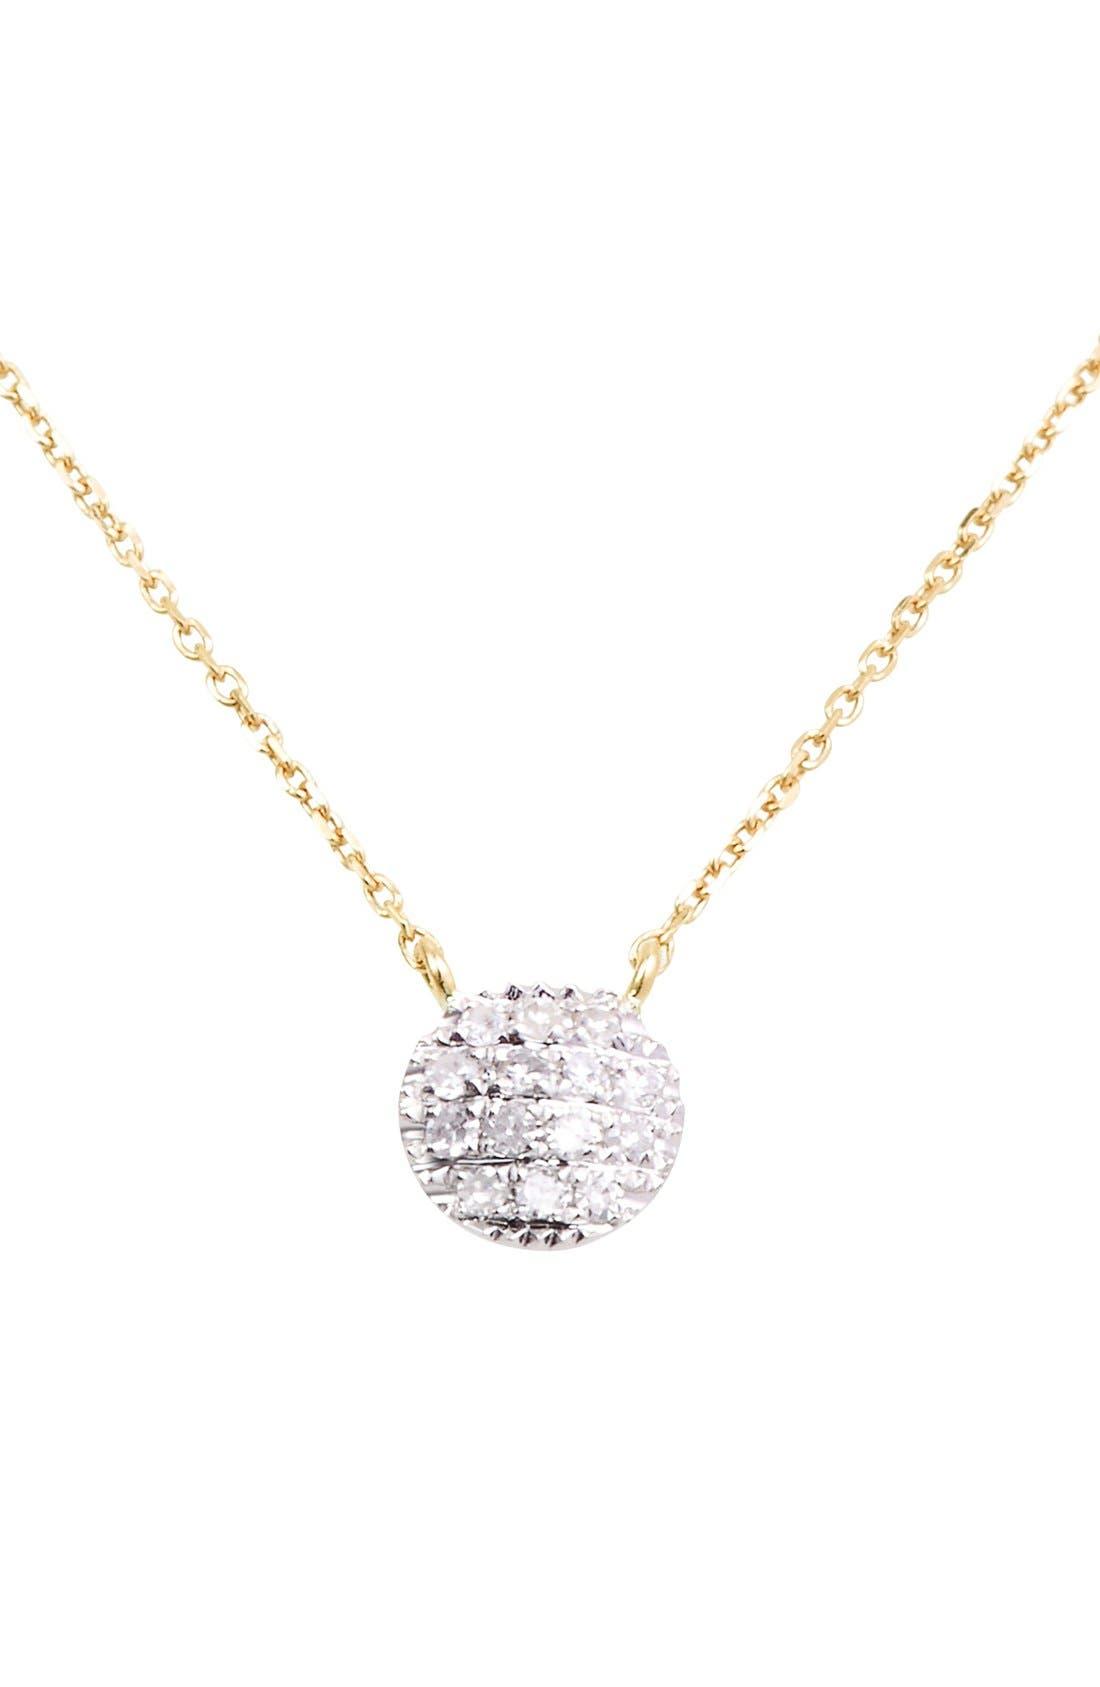 'Lauren Joy' Diamond Disc Pendant Necklace,                             Main thumbnail 1, color,                             YELLOW GOLD